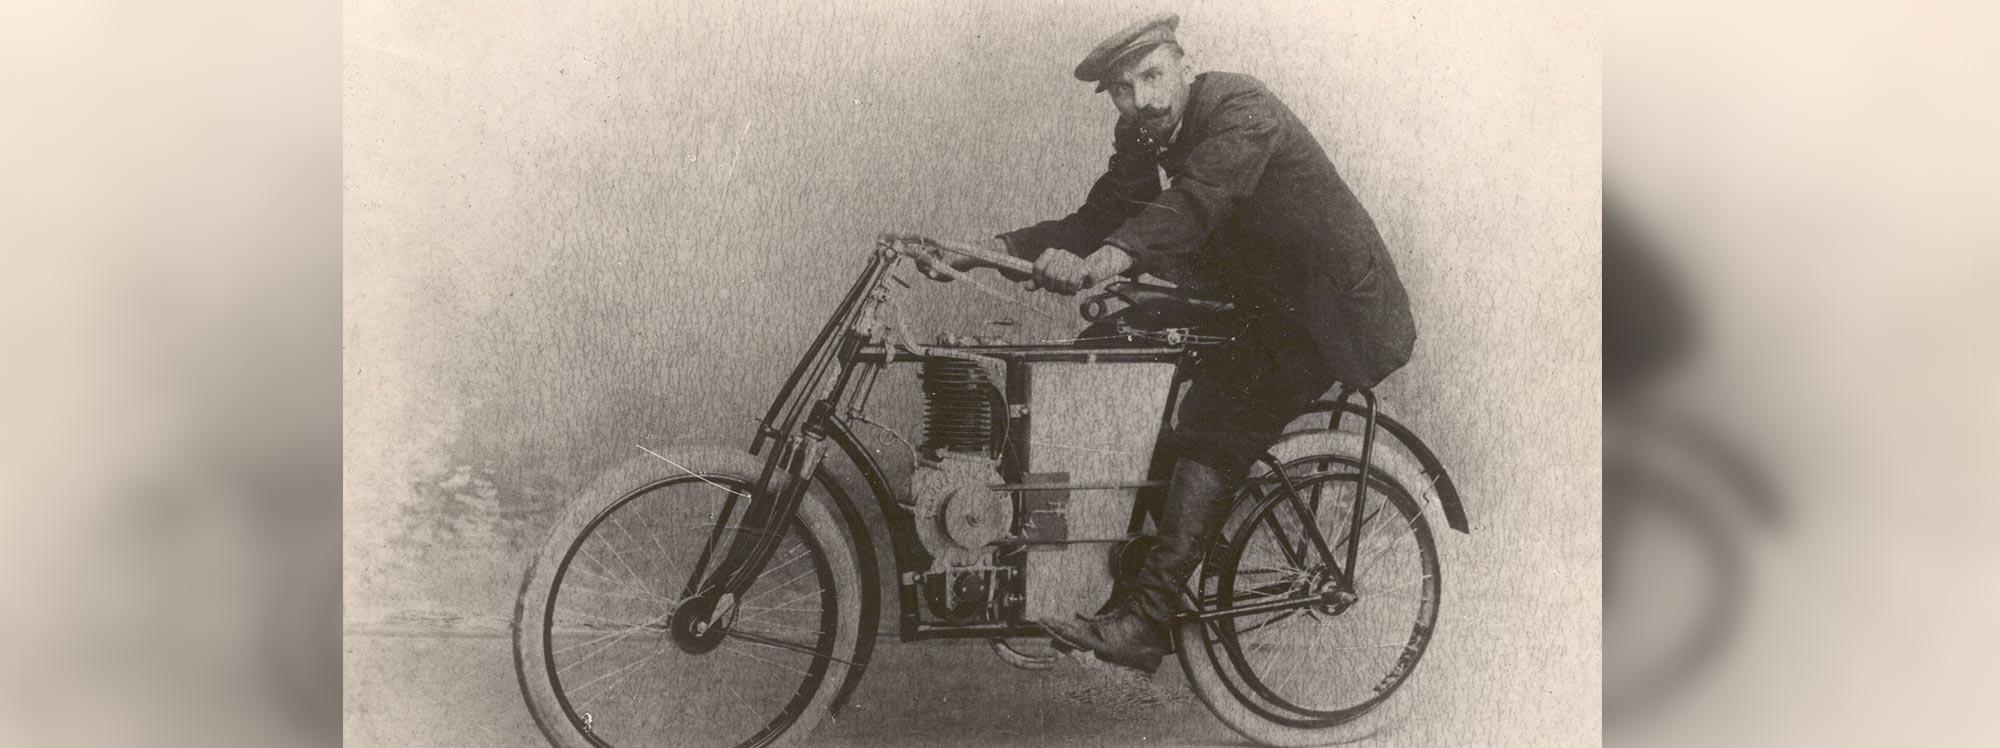 Skoda:120 años de sus vehículos motorizados de dos ruedas